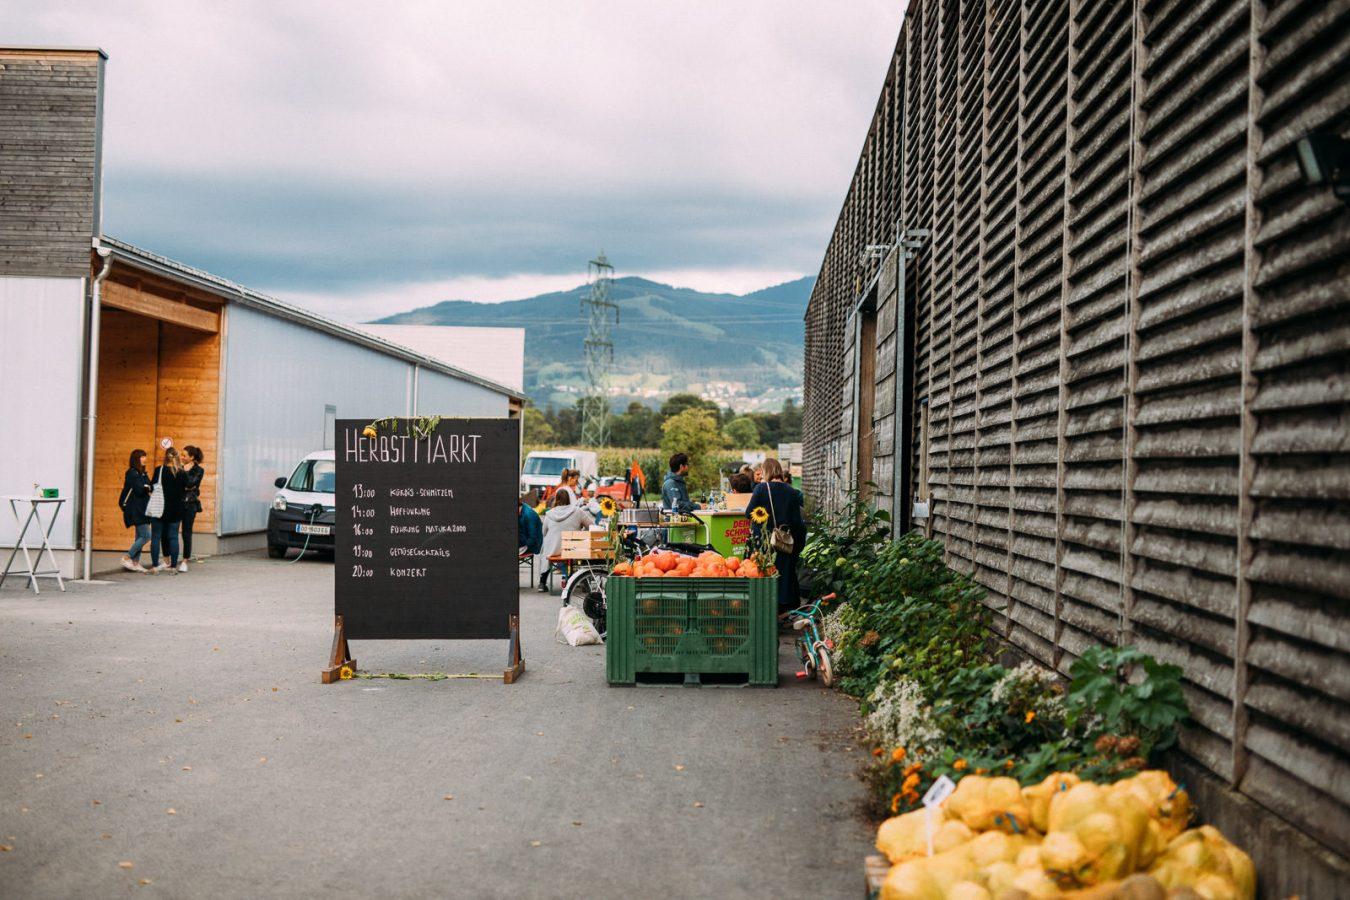 Vetterhof Lustenau